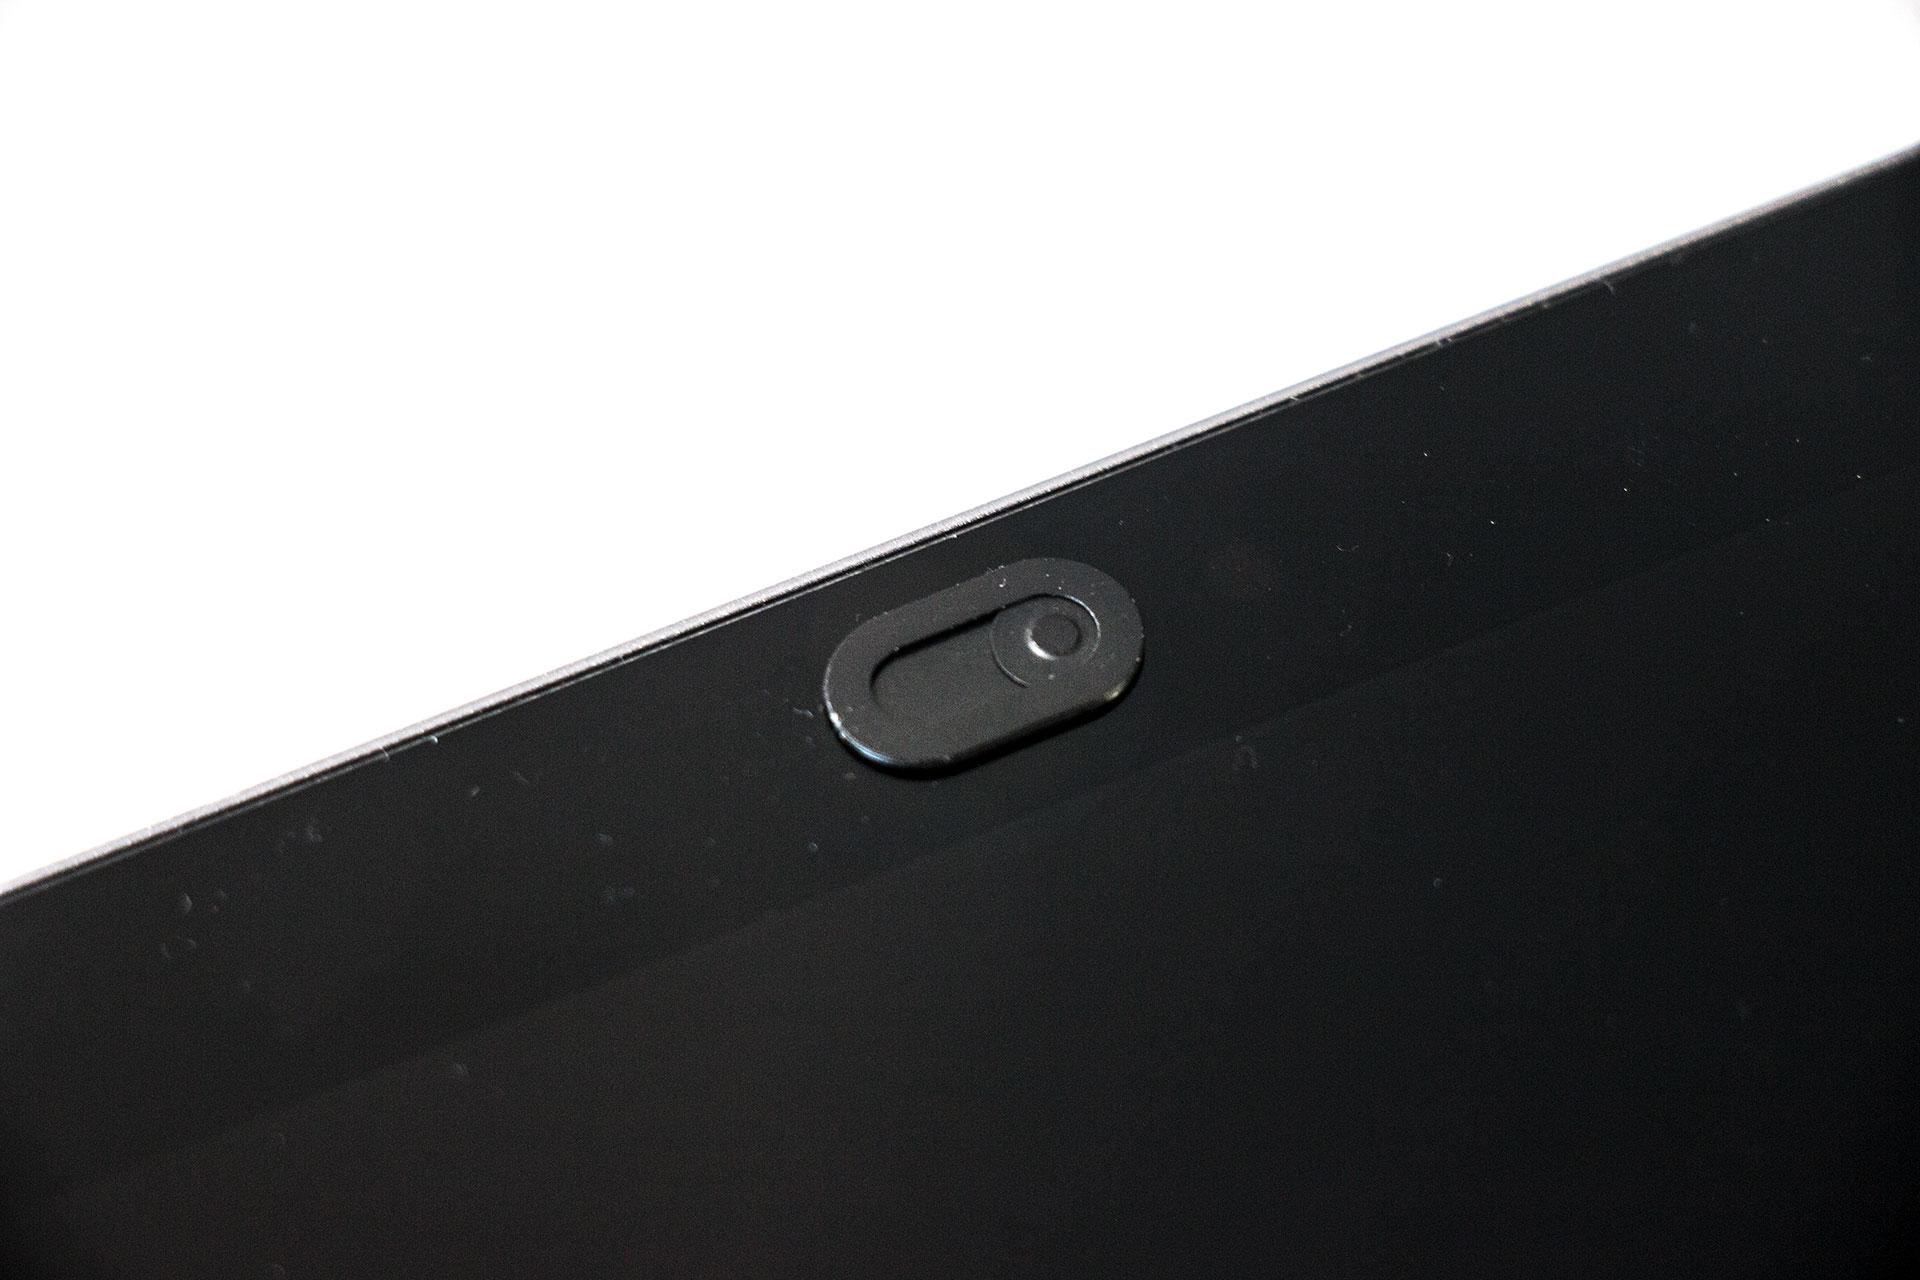 Spy-Fy Spyslide op Google Pixel C